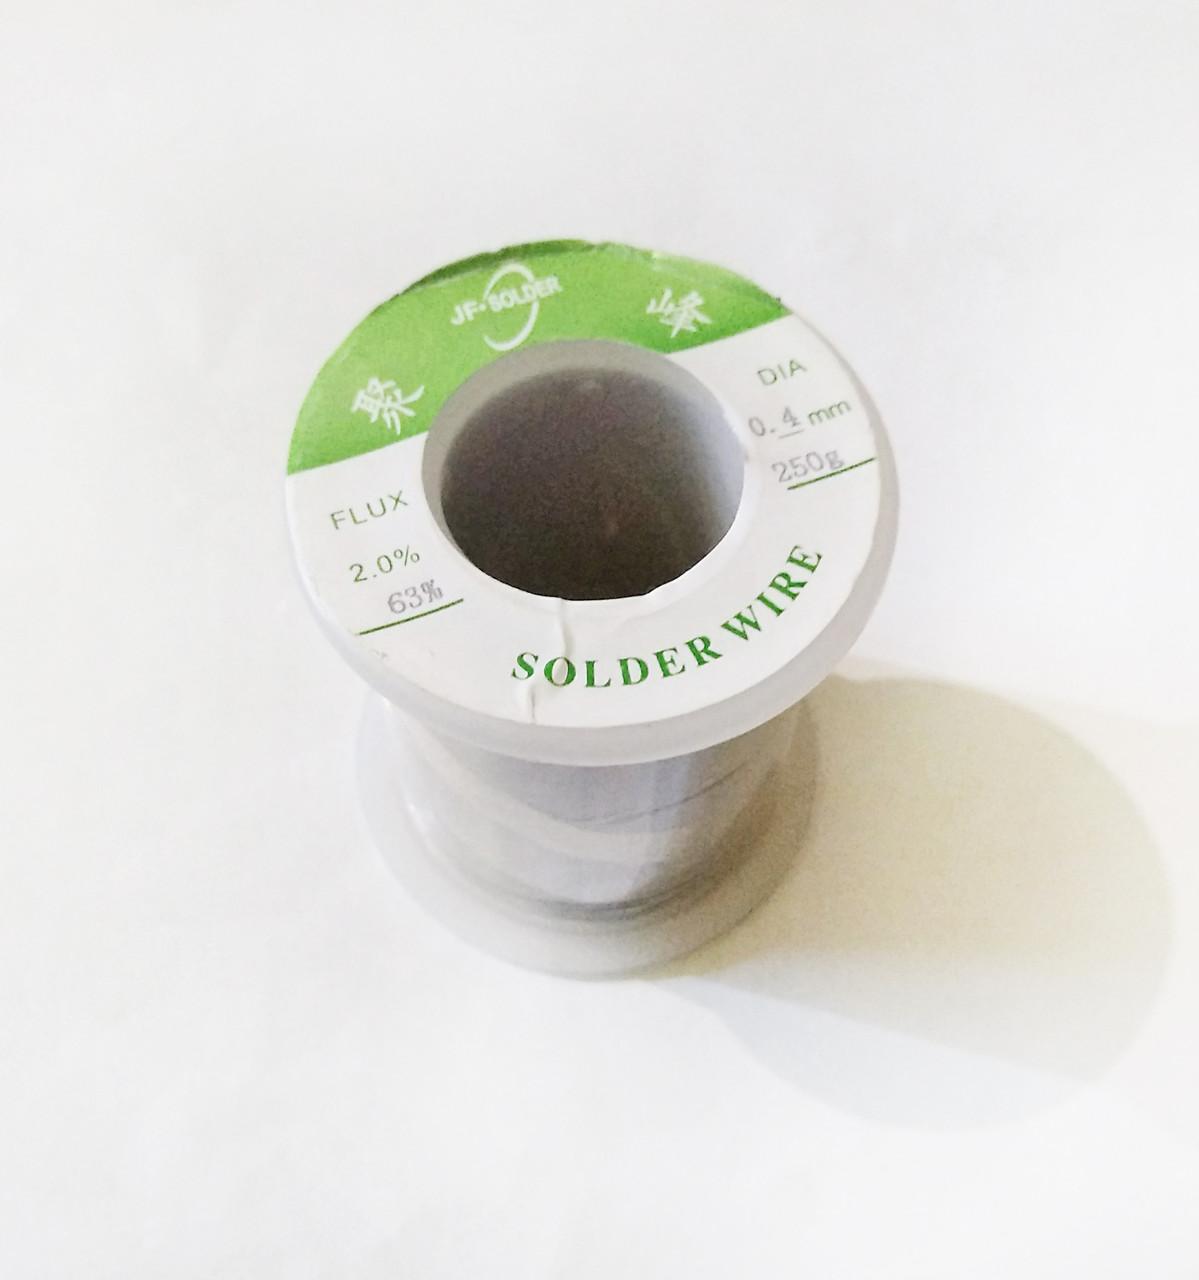 Припій з флюсом Jufeng ПОС-63 (Sn63/Pb37), діаметр - 0,4 мм, вага - 250г котушка